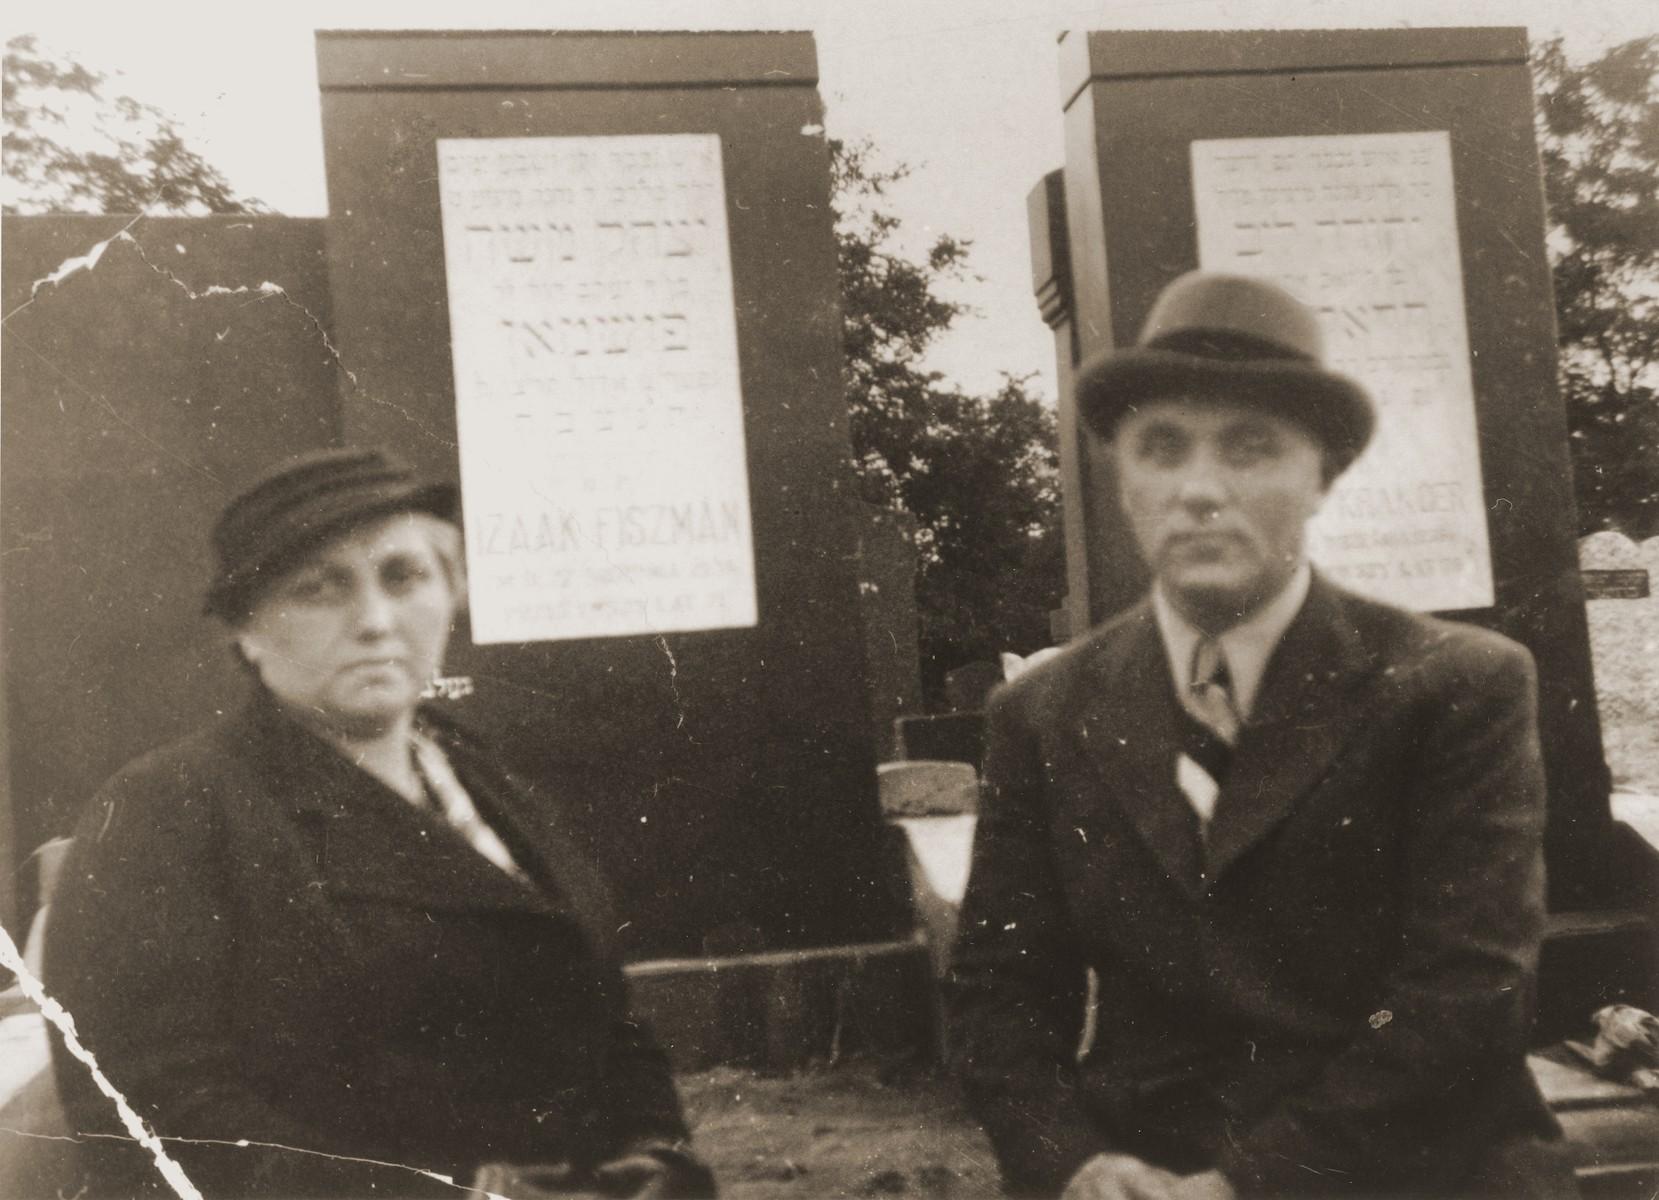 Karola Topor and Leon Fischmann visit the grave of their father, Isaak Fischmann, in Czestochowa.